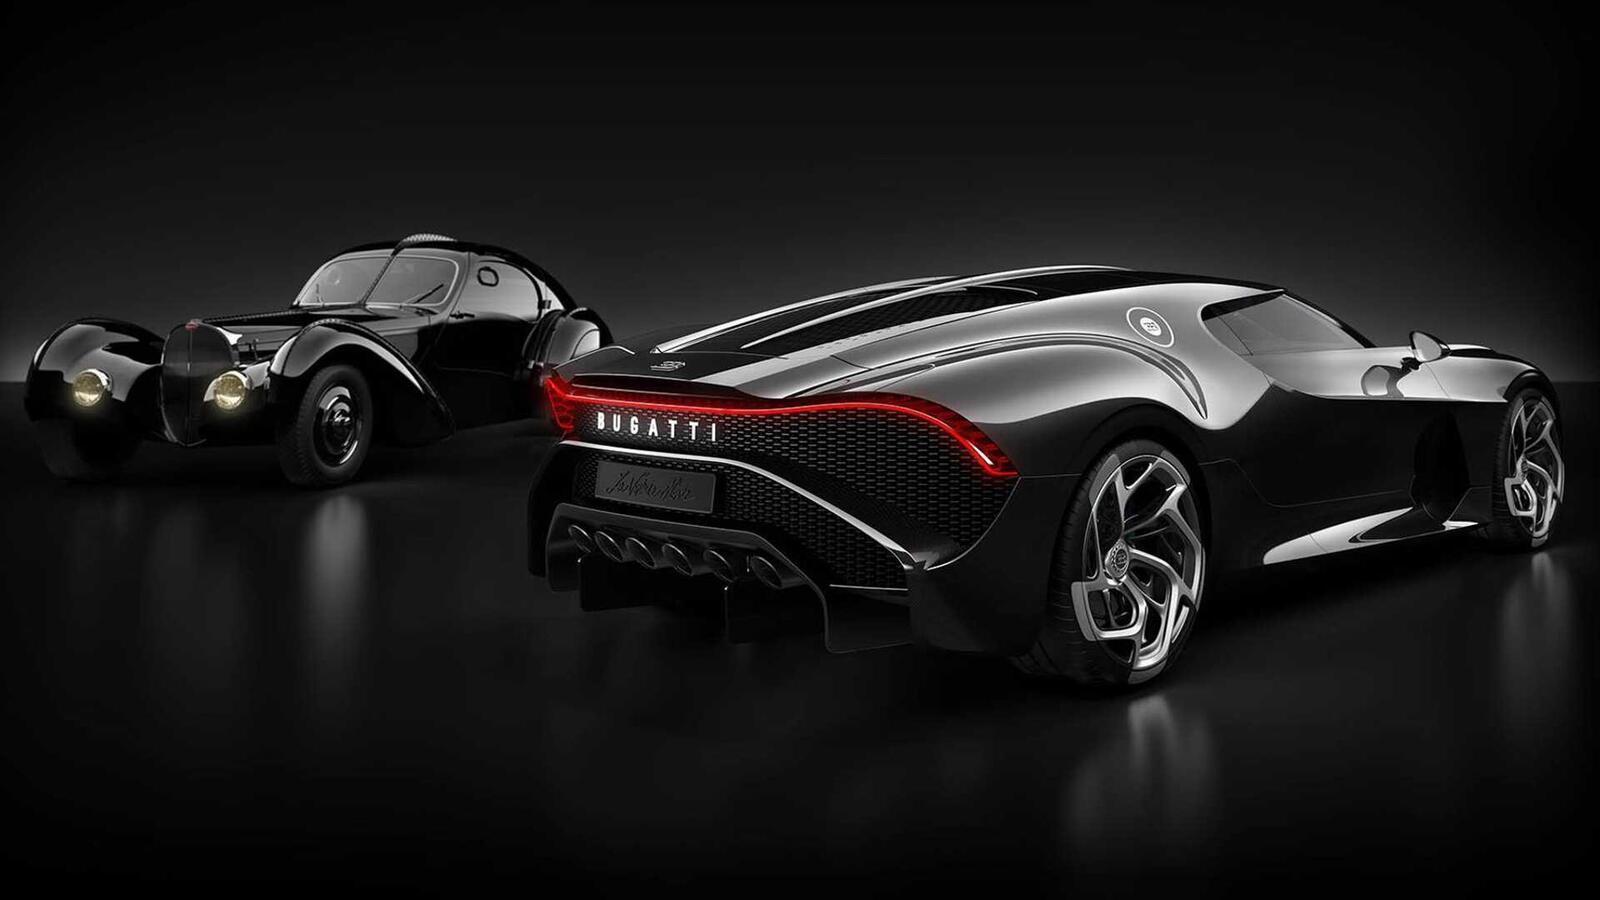 [GMS2019] Siêu phẩm Bugatti La Voatio Noire ra mắt: Chỉ một chiếc được sản xuất; giá hơn 259 tỷ đồng - Hình 6